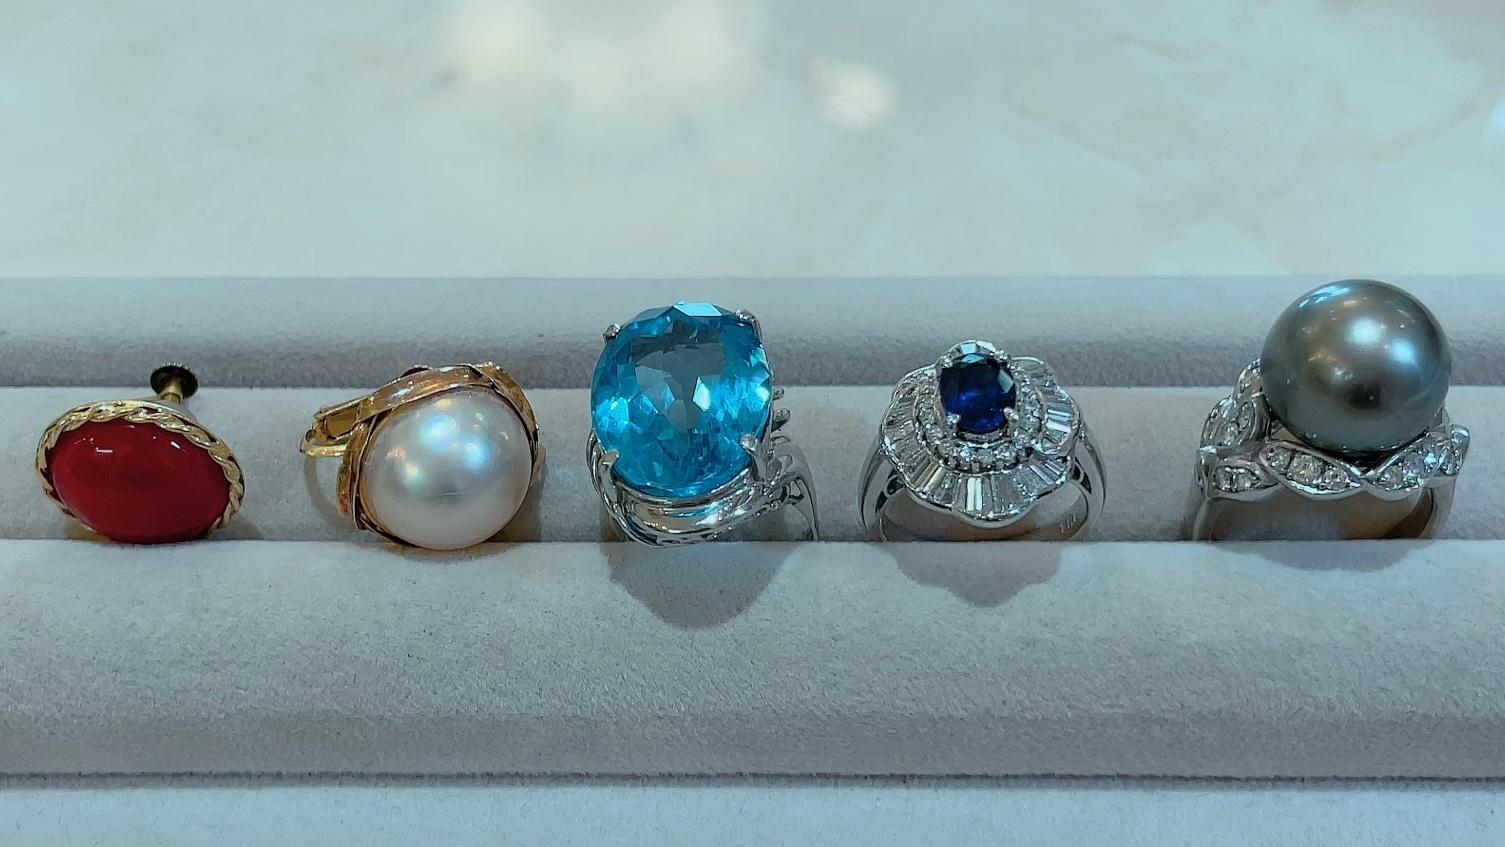 【買取速報】サファイヤ、タヒチパール、ダイヤモンド、ブルートパーズ、マベパール、メノー、ピア-2021-09-05